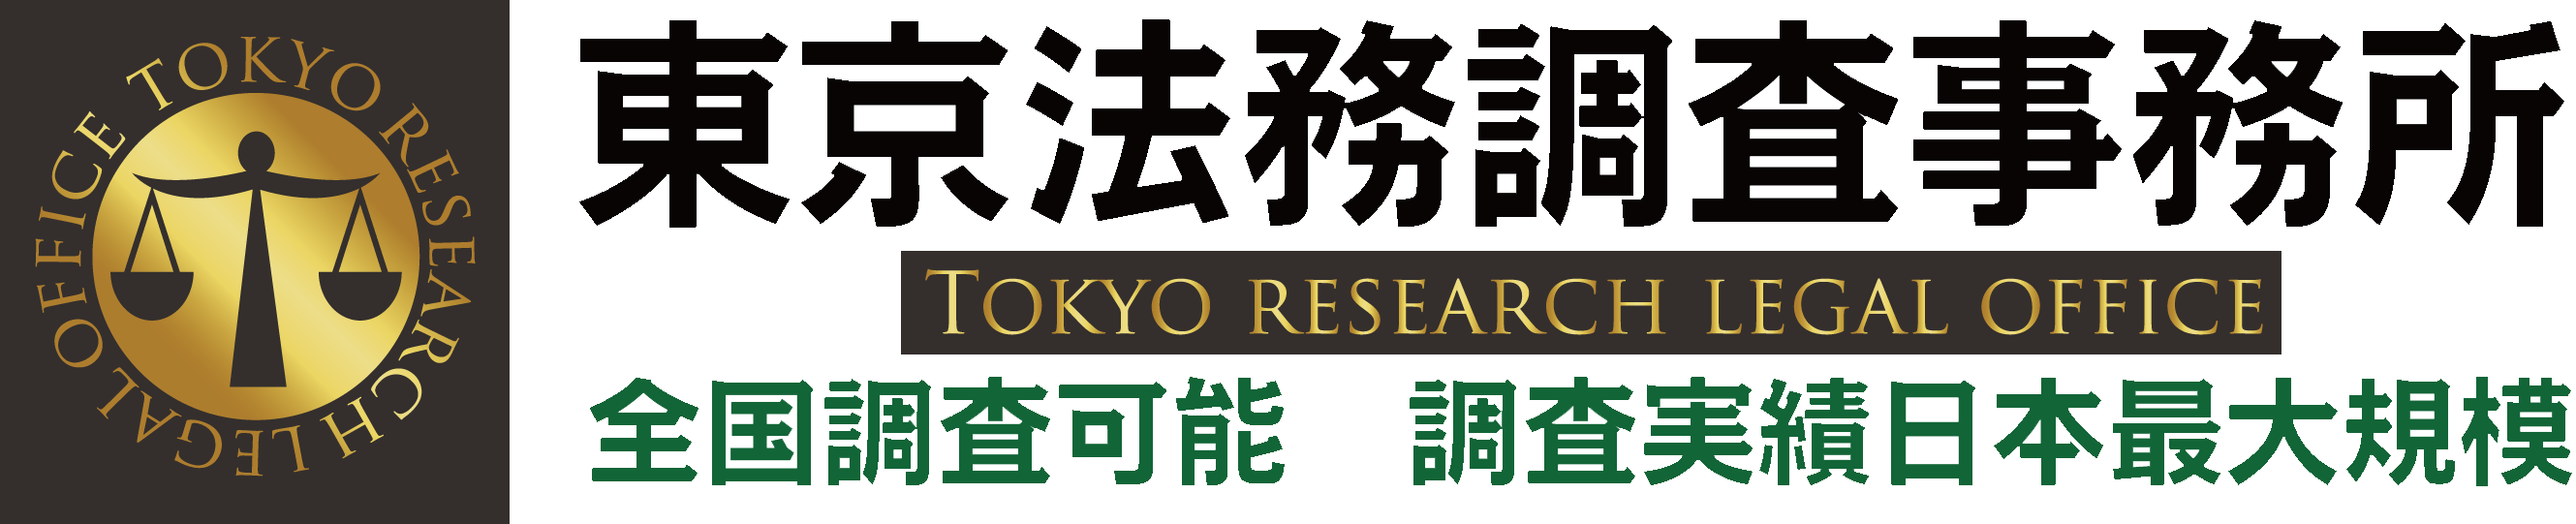 東京法務調査事務所